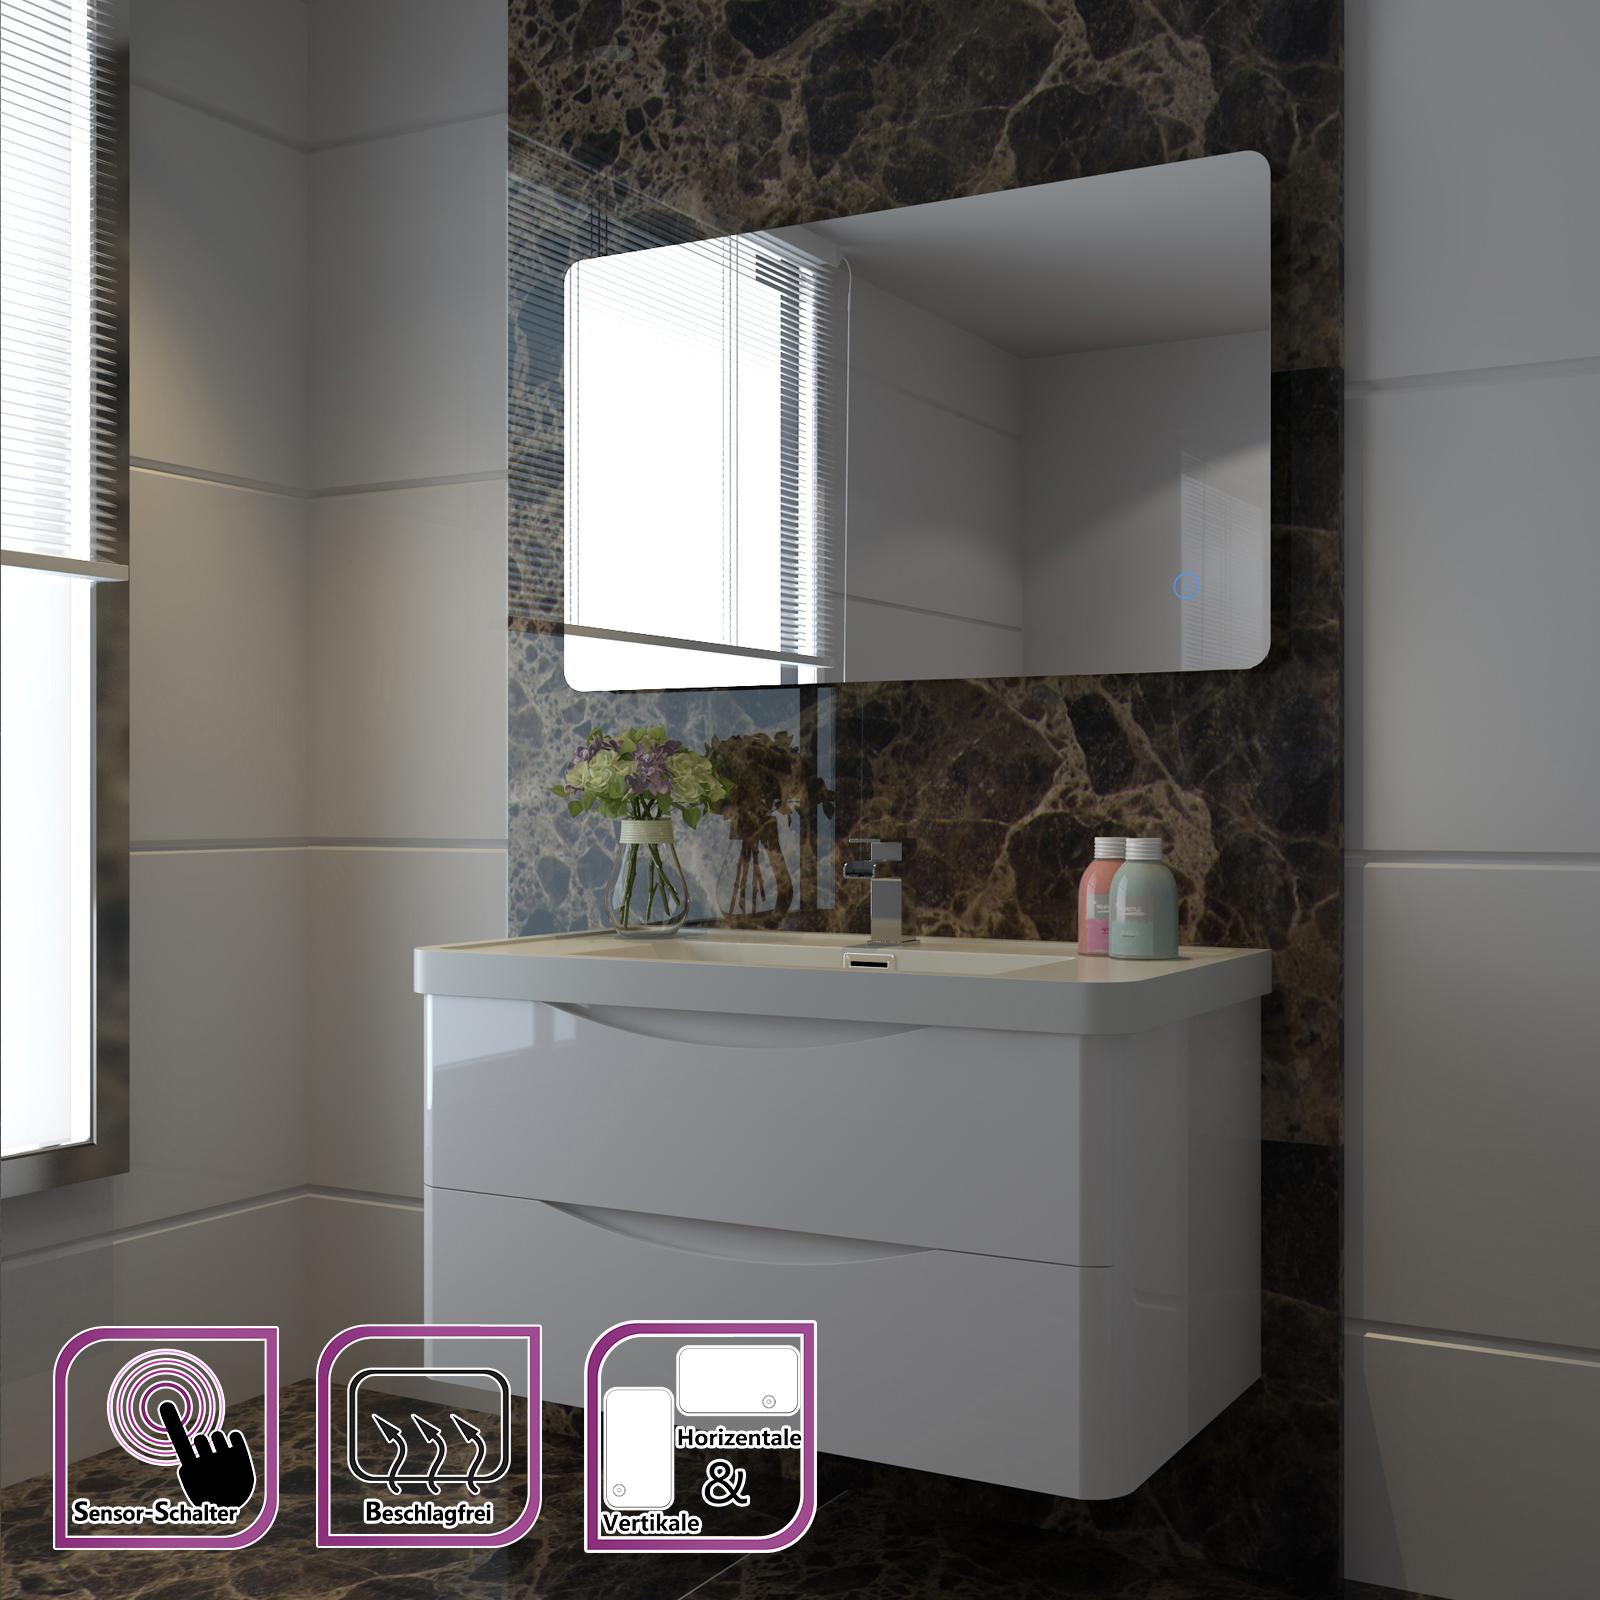 badspiegel badezimmerspiegel led beleuchtung spiegel wandspiegel warmwei ip44 ebay. Black Bedroom Furniture Sets. Home Design Ideas